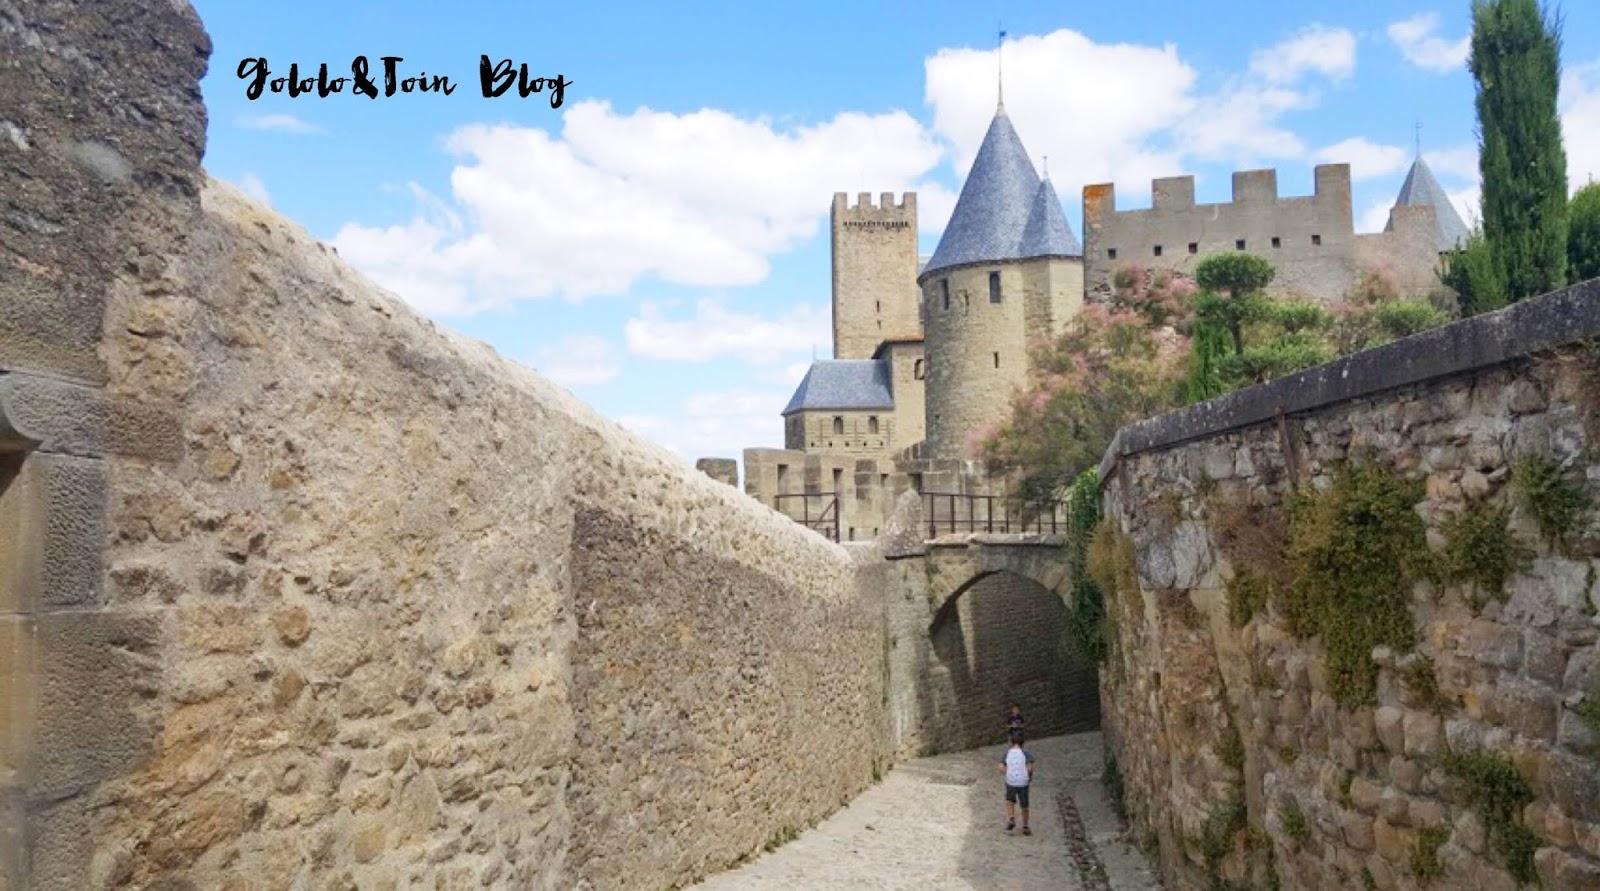 visita-sur-de-francia-con-niños-ciudadela-medieval-carcassonne